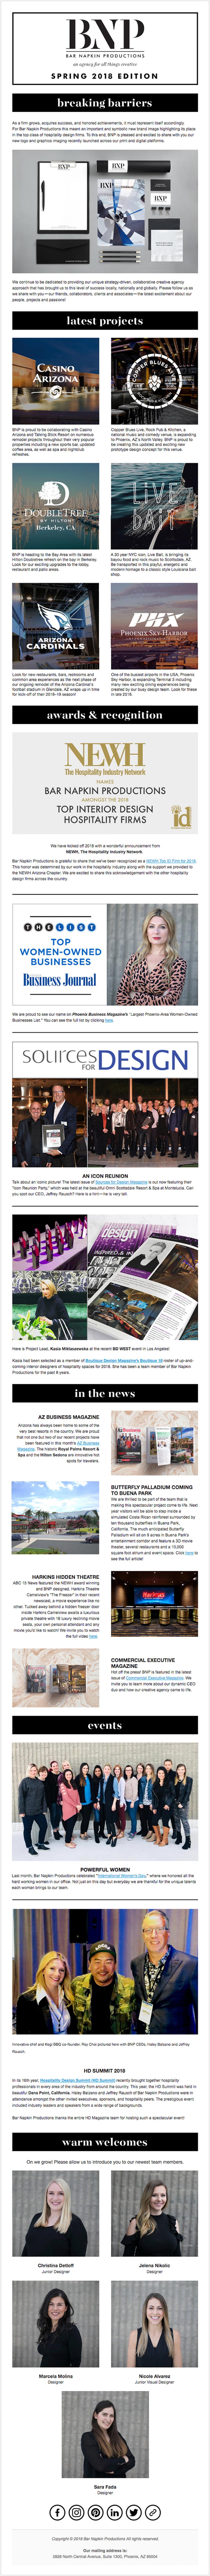 180425 BNP Spring Newsletter 3.jpg